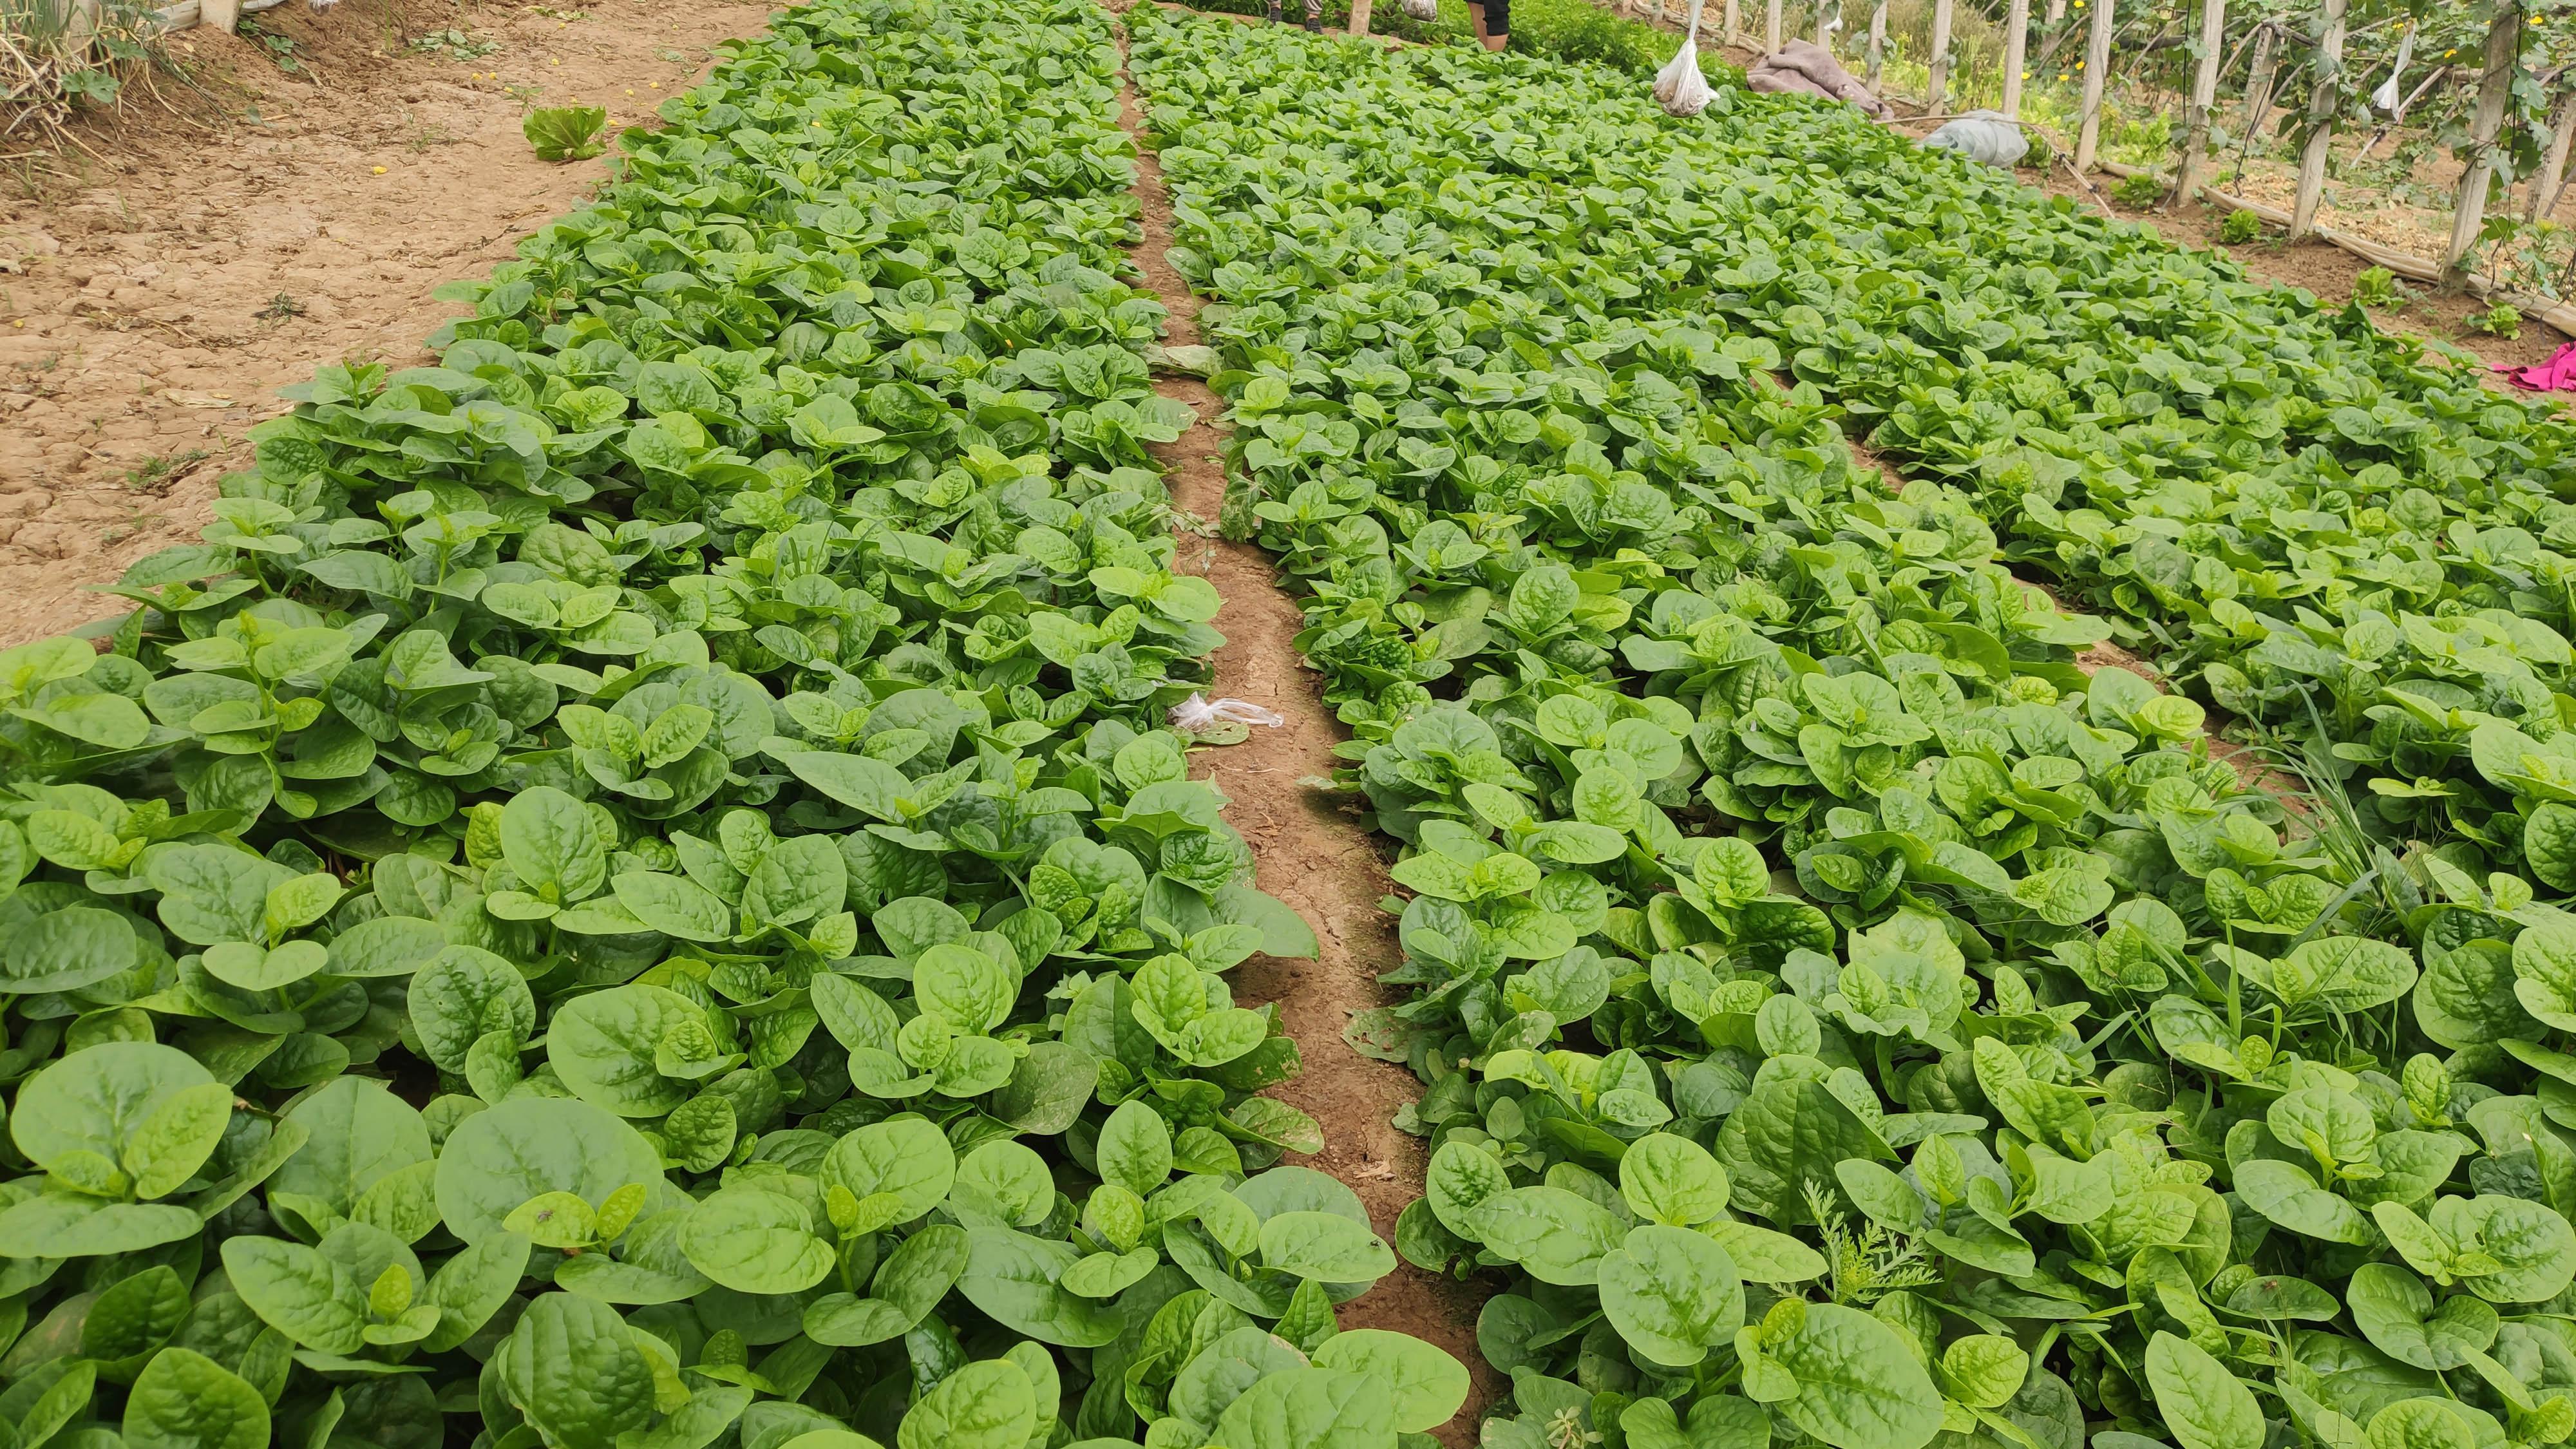 使用了植物生长调节剂的木耳菜